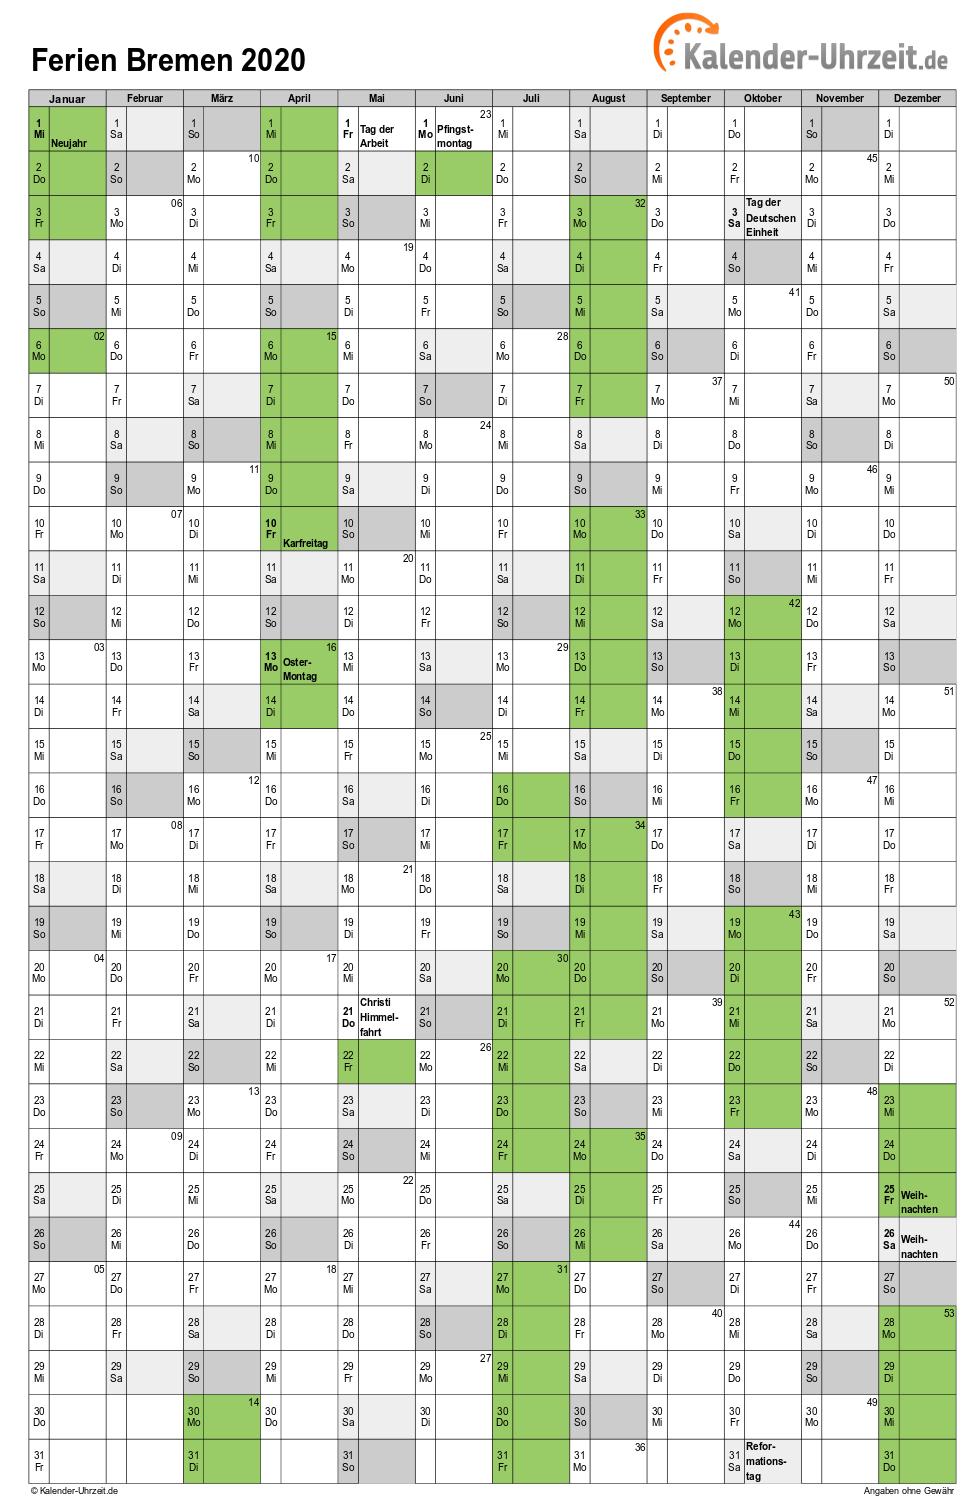 Ferien Bremen 2020 - Ferienkalender zum Ausdrucken